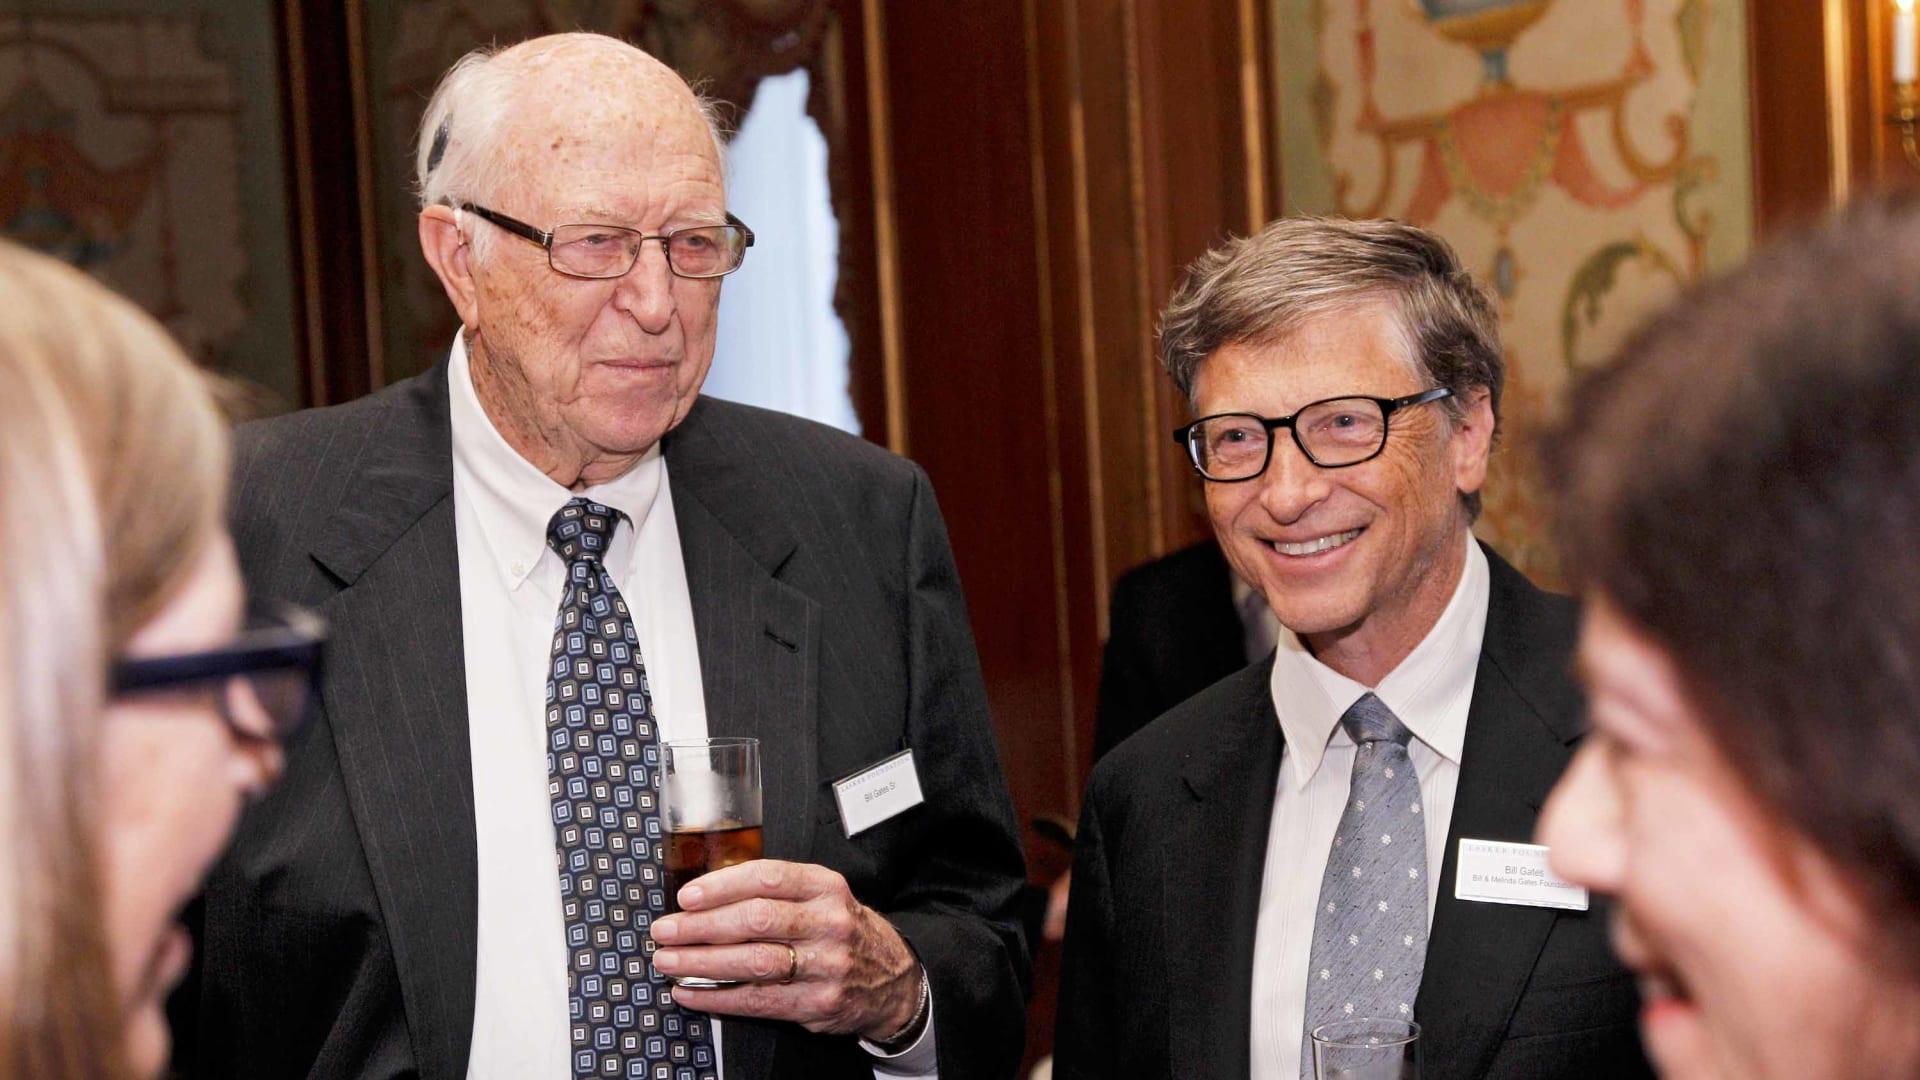 Bill Gates Sr and Bill Gates